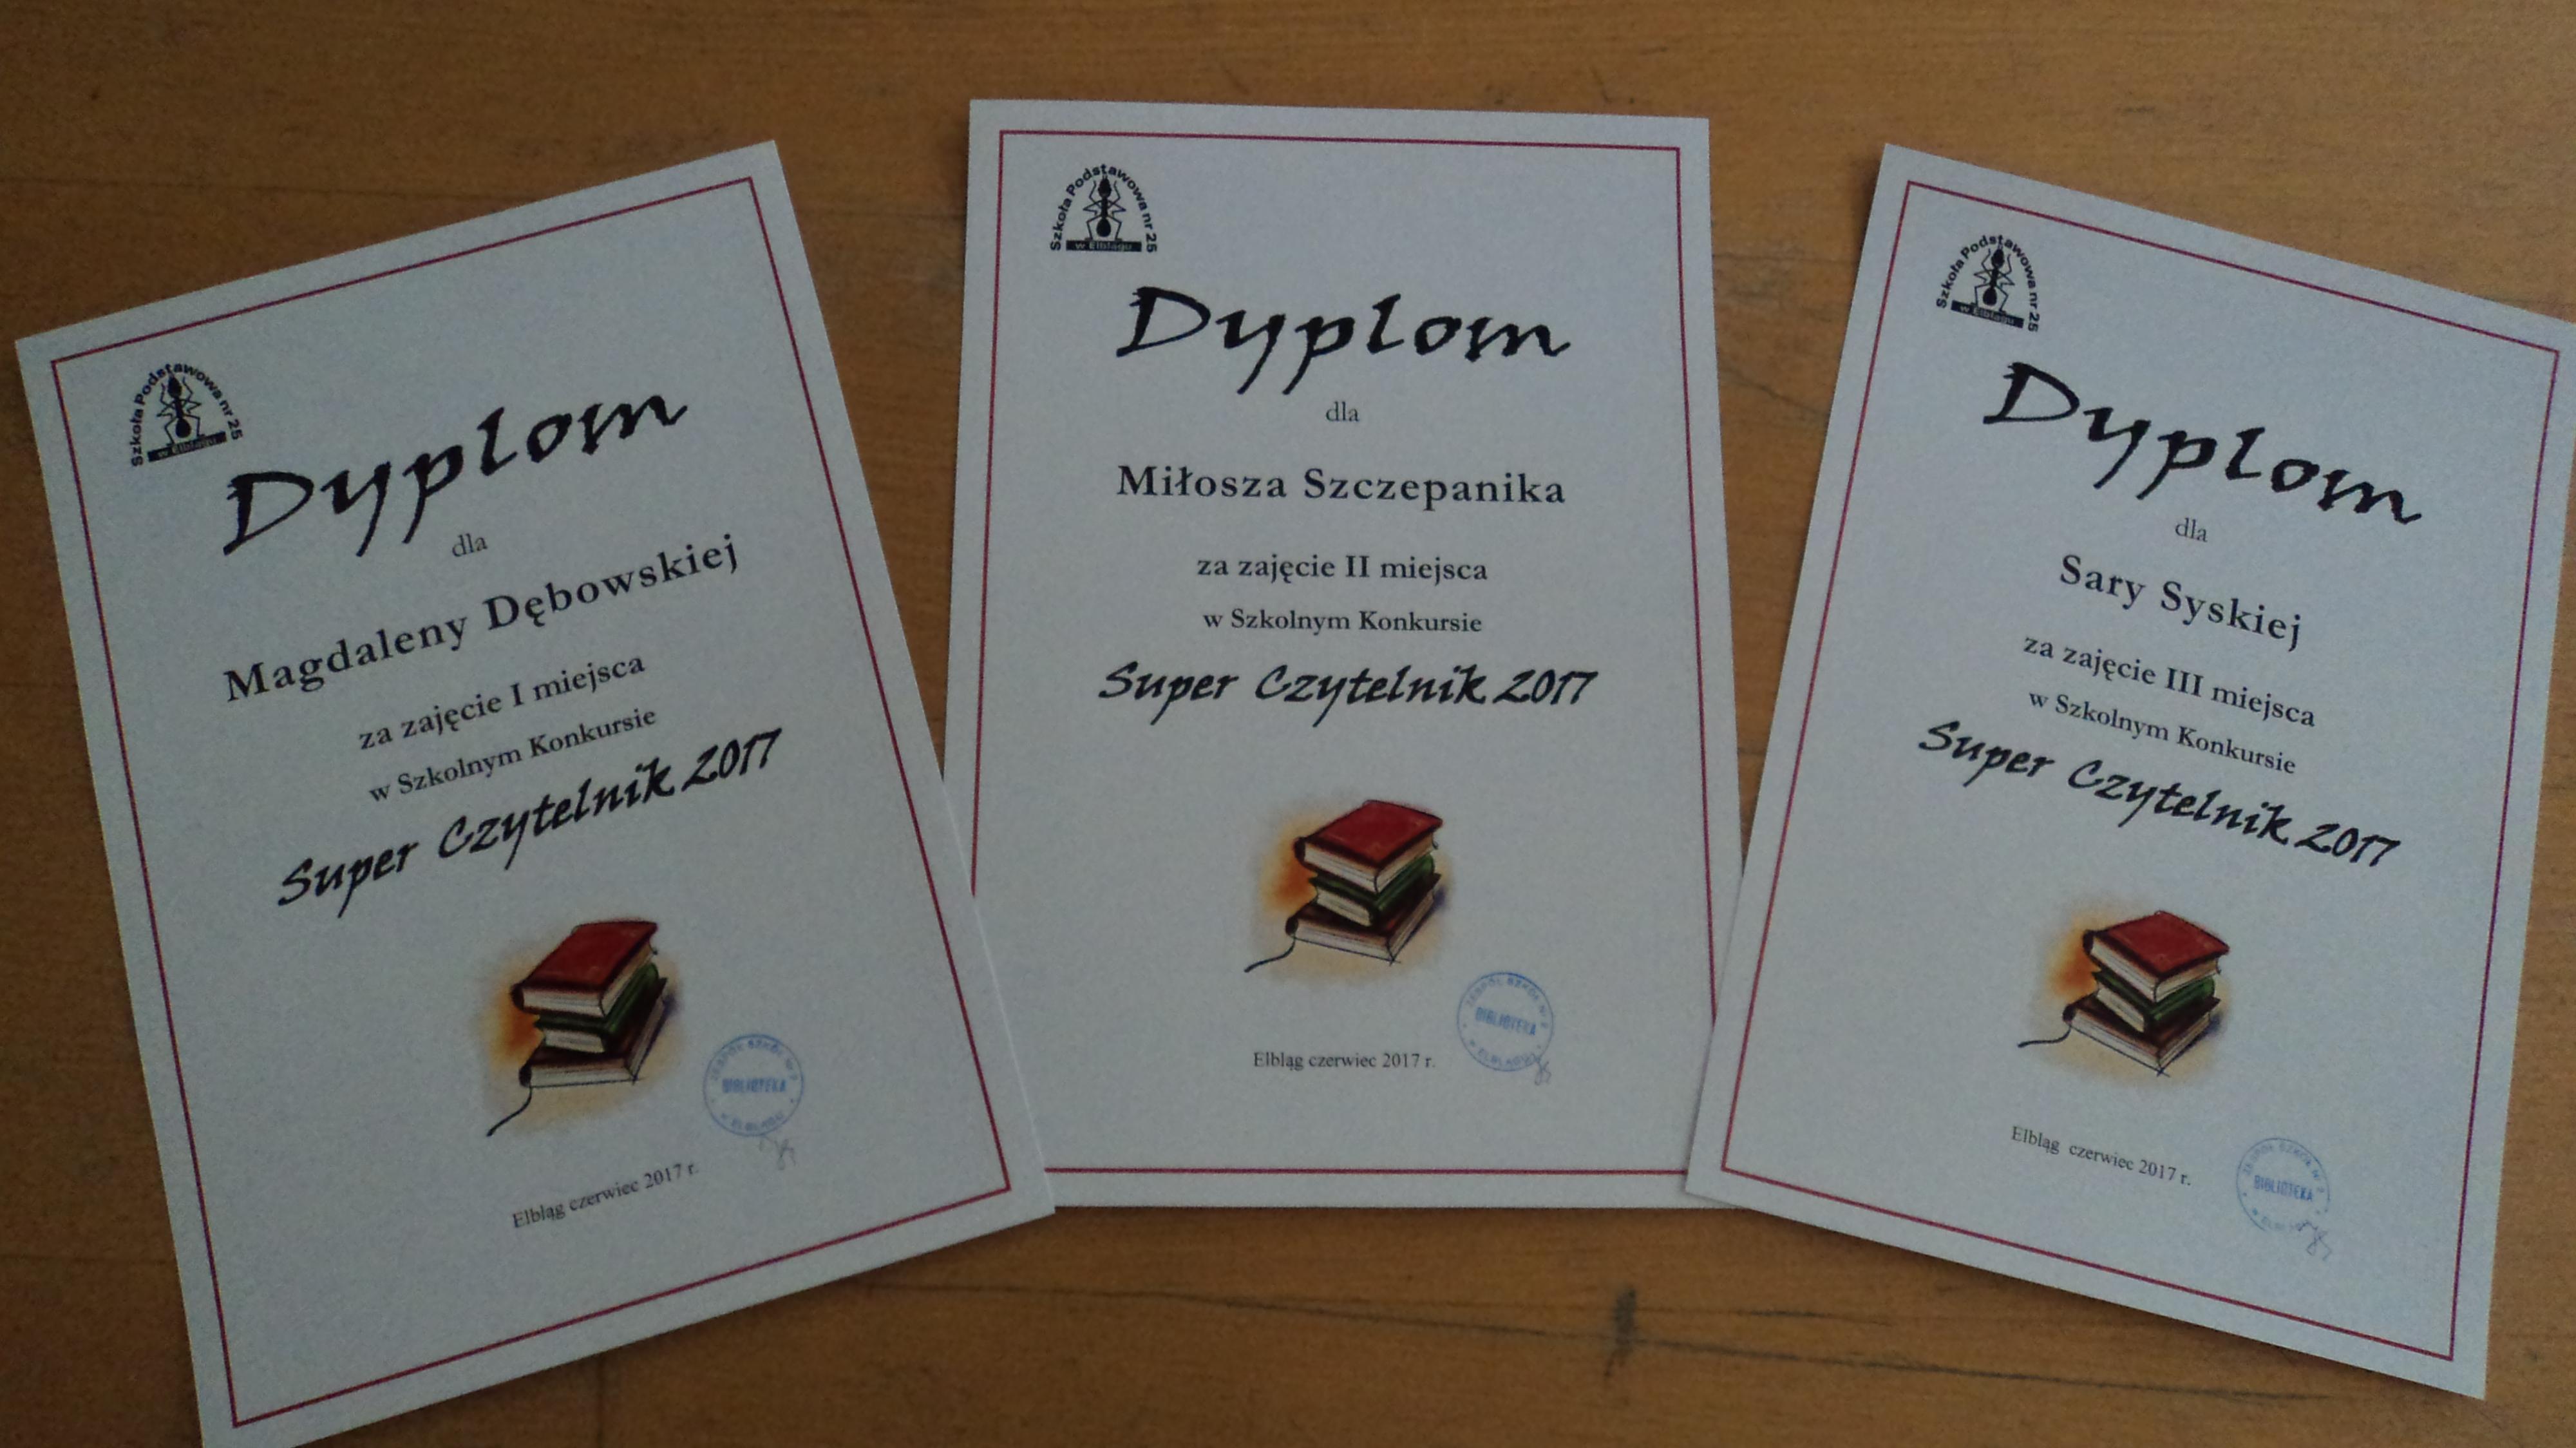 SUPER CZYTELNIK- wyniki konkursu